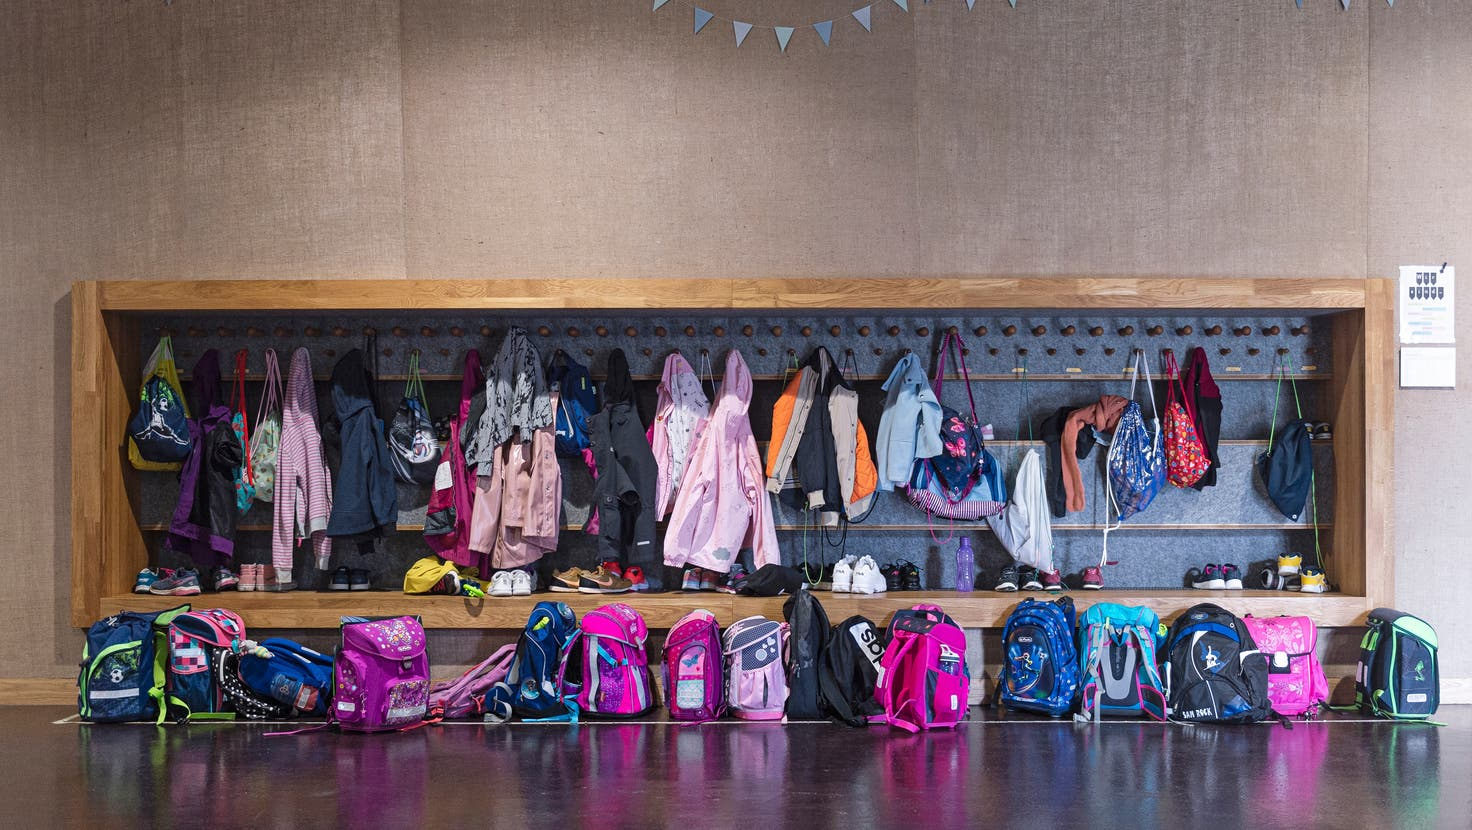 Ein möglichst normaler Schulalltag für die Kinder: Dieses Ziel steht für die Stadt St.Gallen zuoberst. Nur verwirren die unterschiedlichen Massnahmen des Contact-Tracings je nach Schulstufe die Eltern. (Bild: Simon Tanner)